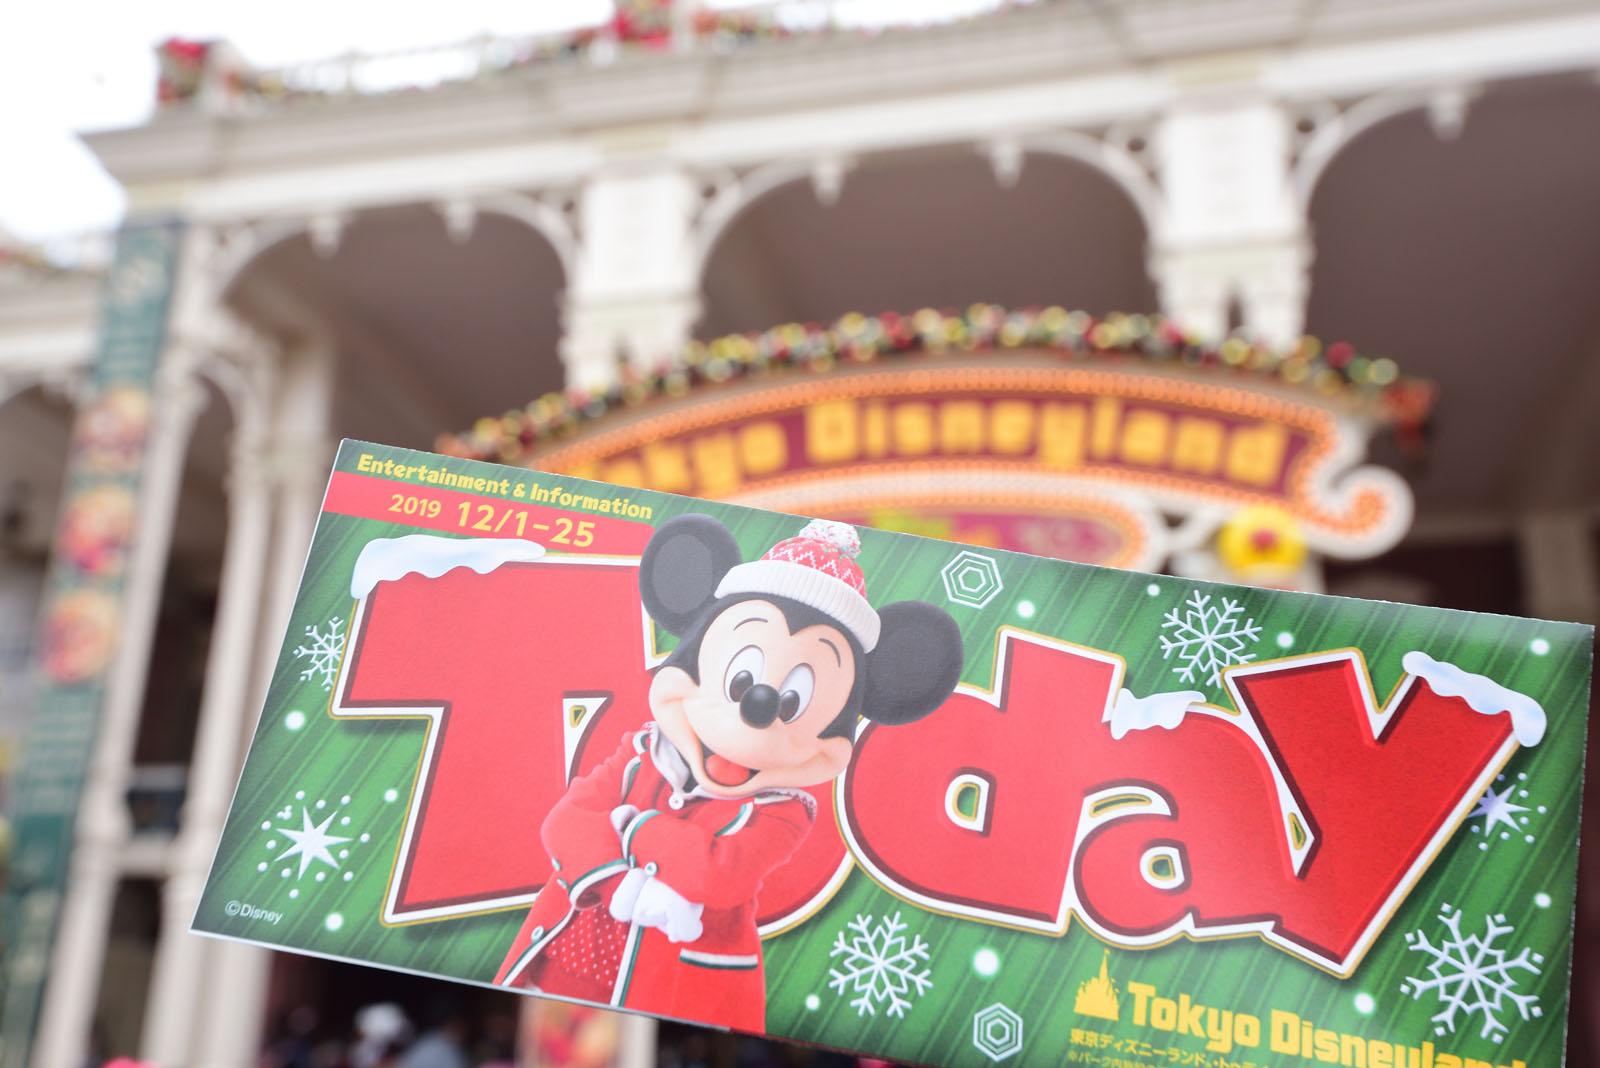 東京ディズニーランド Today 2019年11月1日~11月30日 ディズニー・クリスマス2019 ミッキー